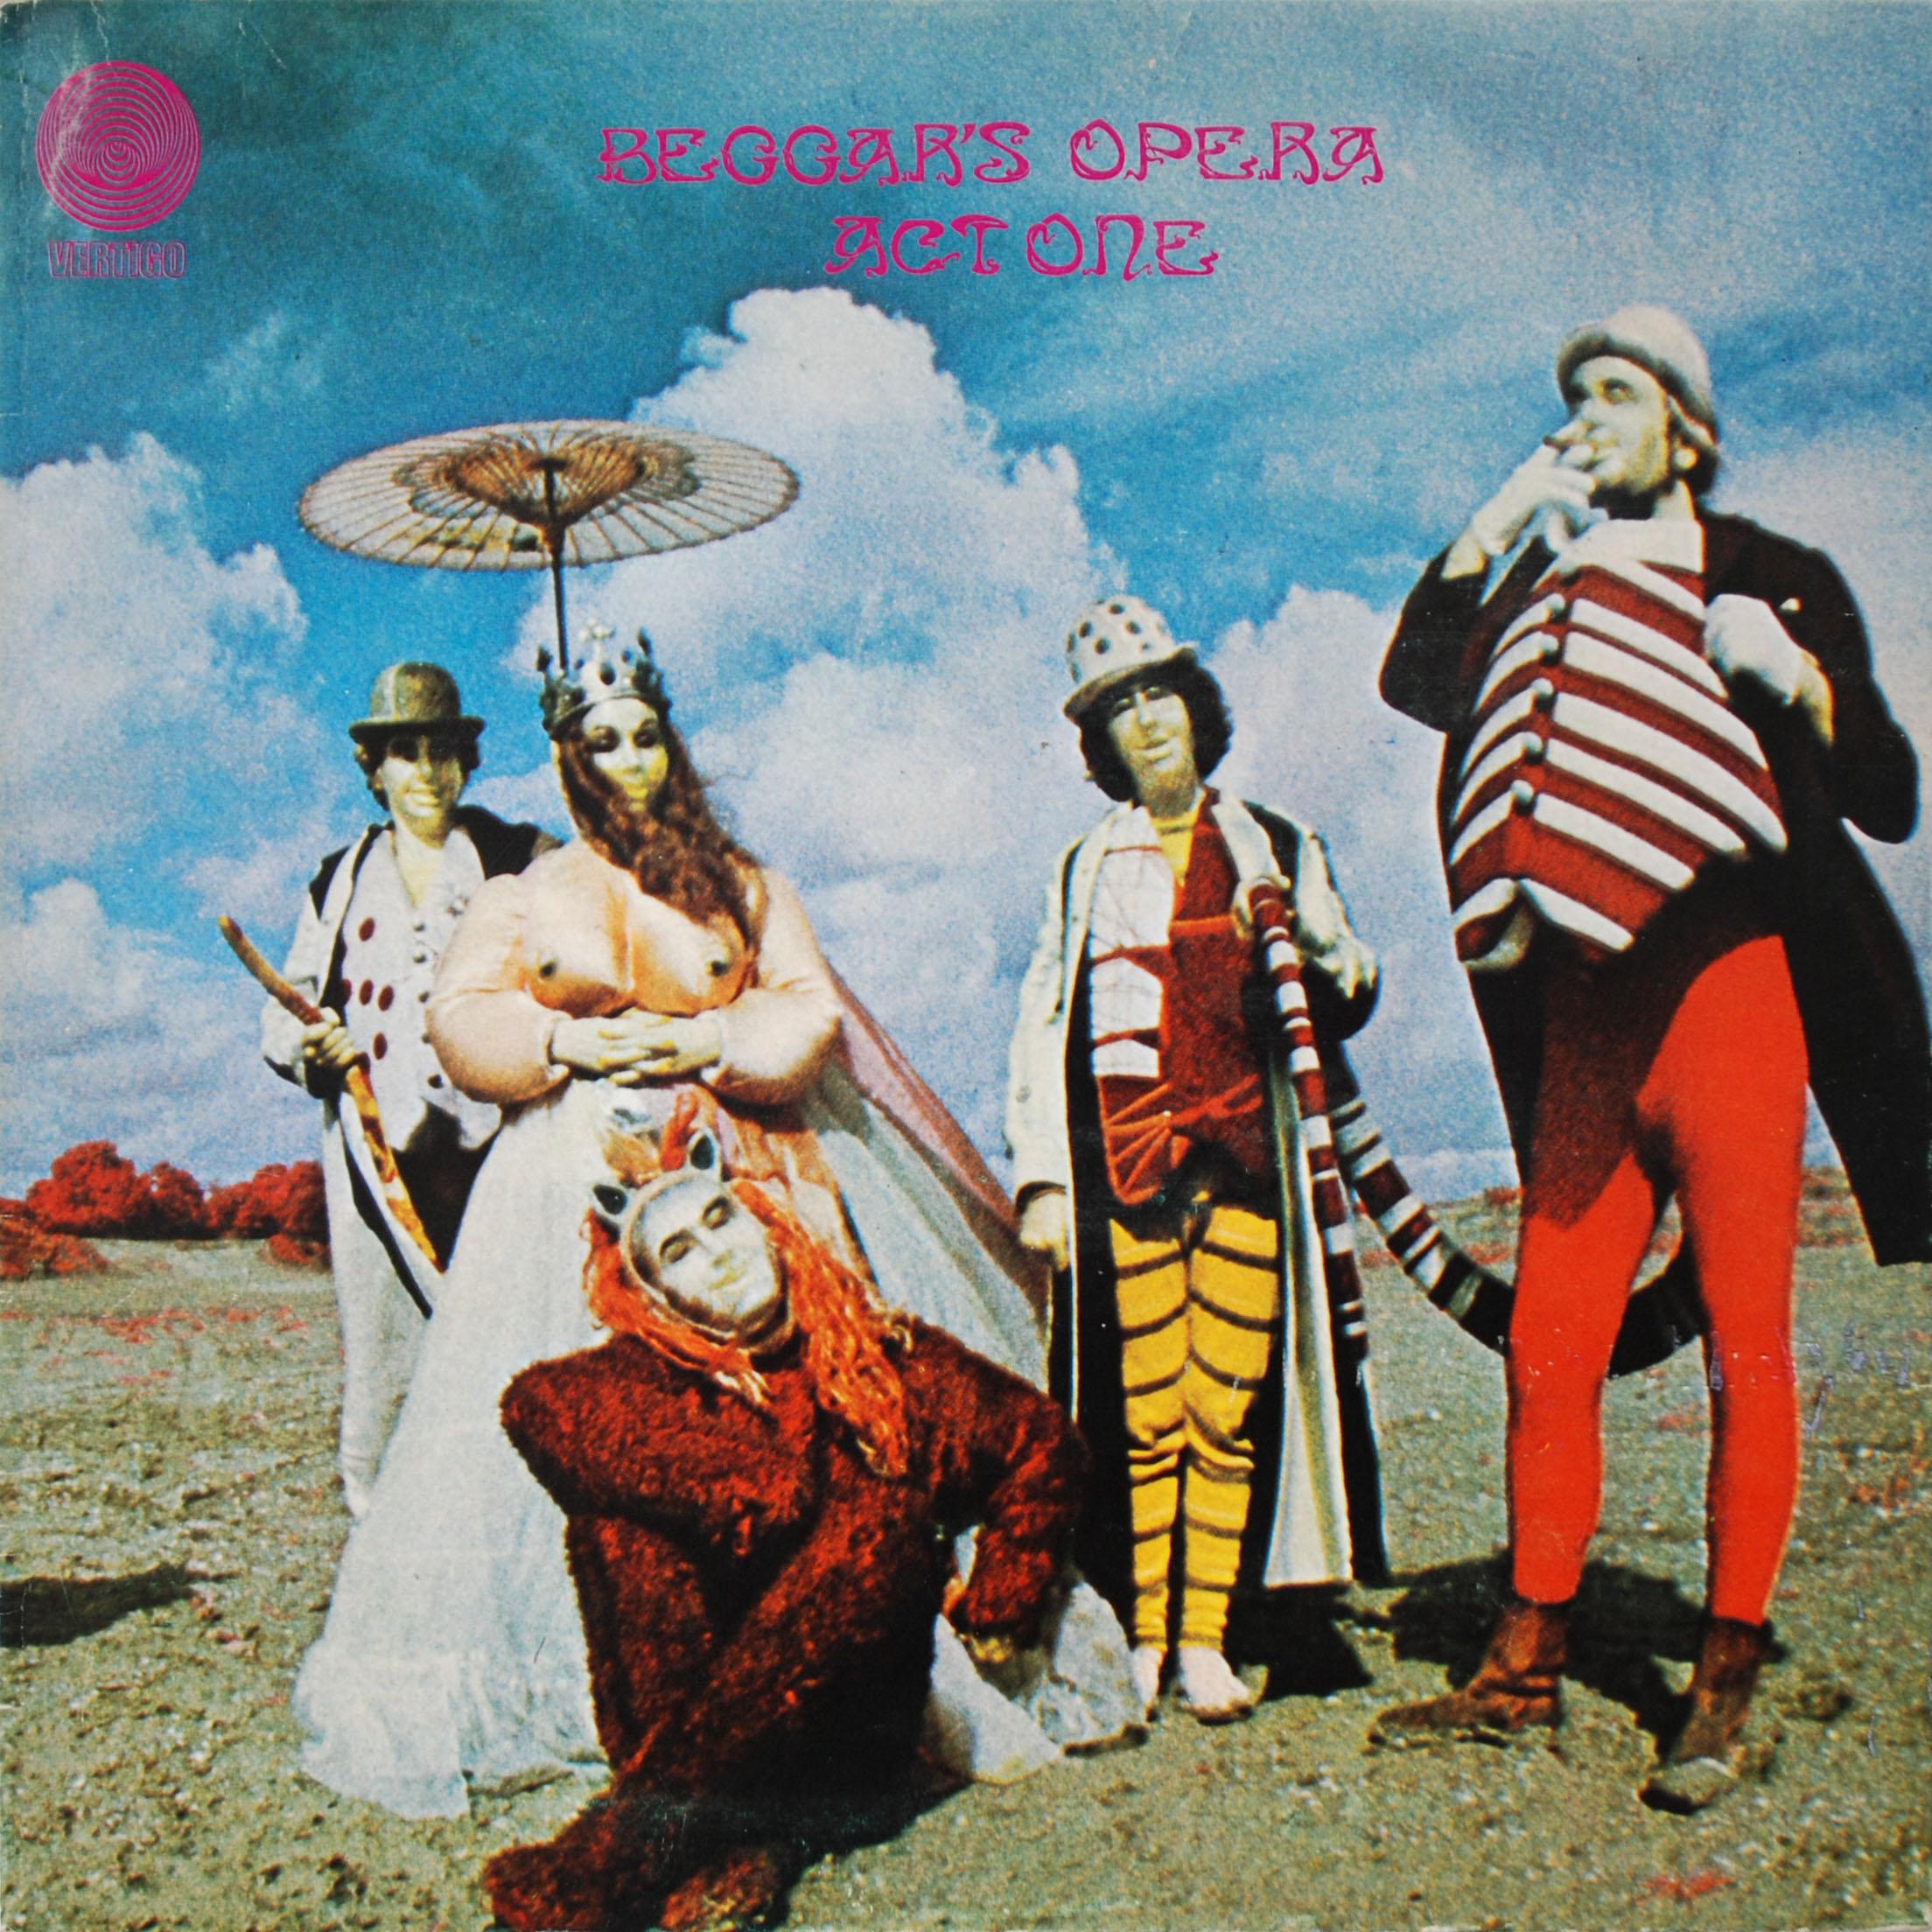 6360 018 Beggars Opera Rare Record Collector